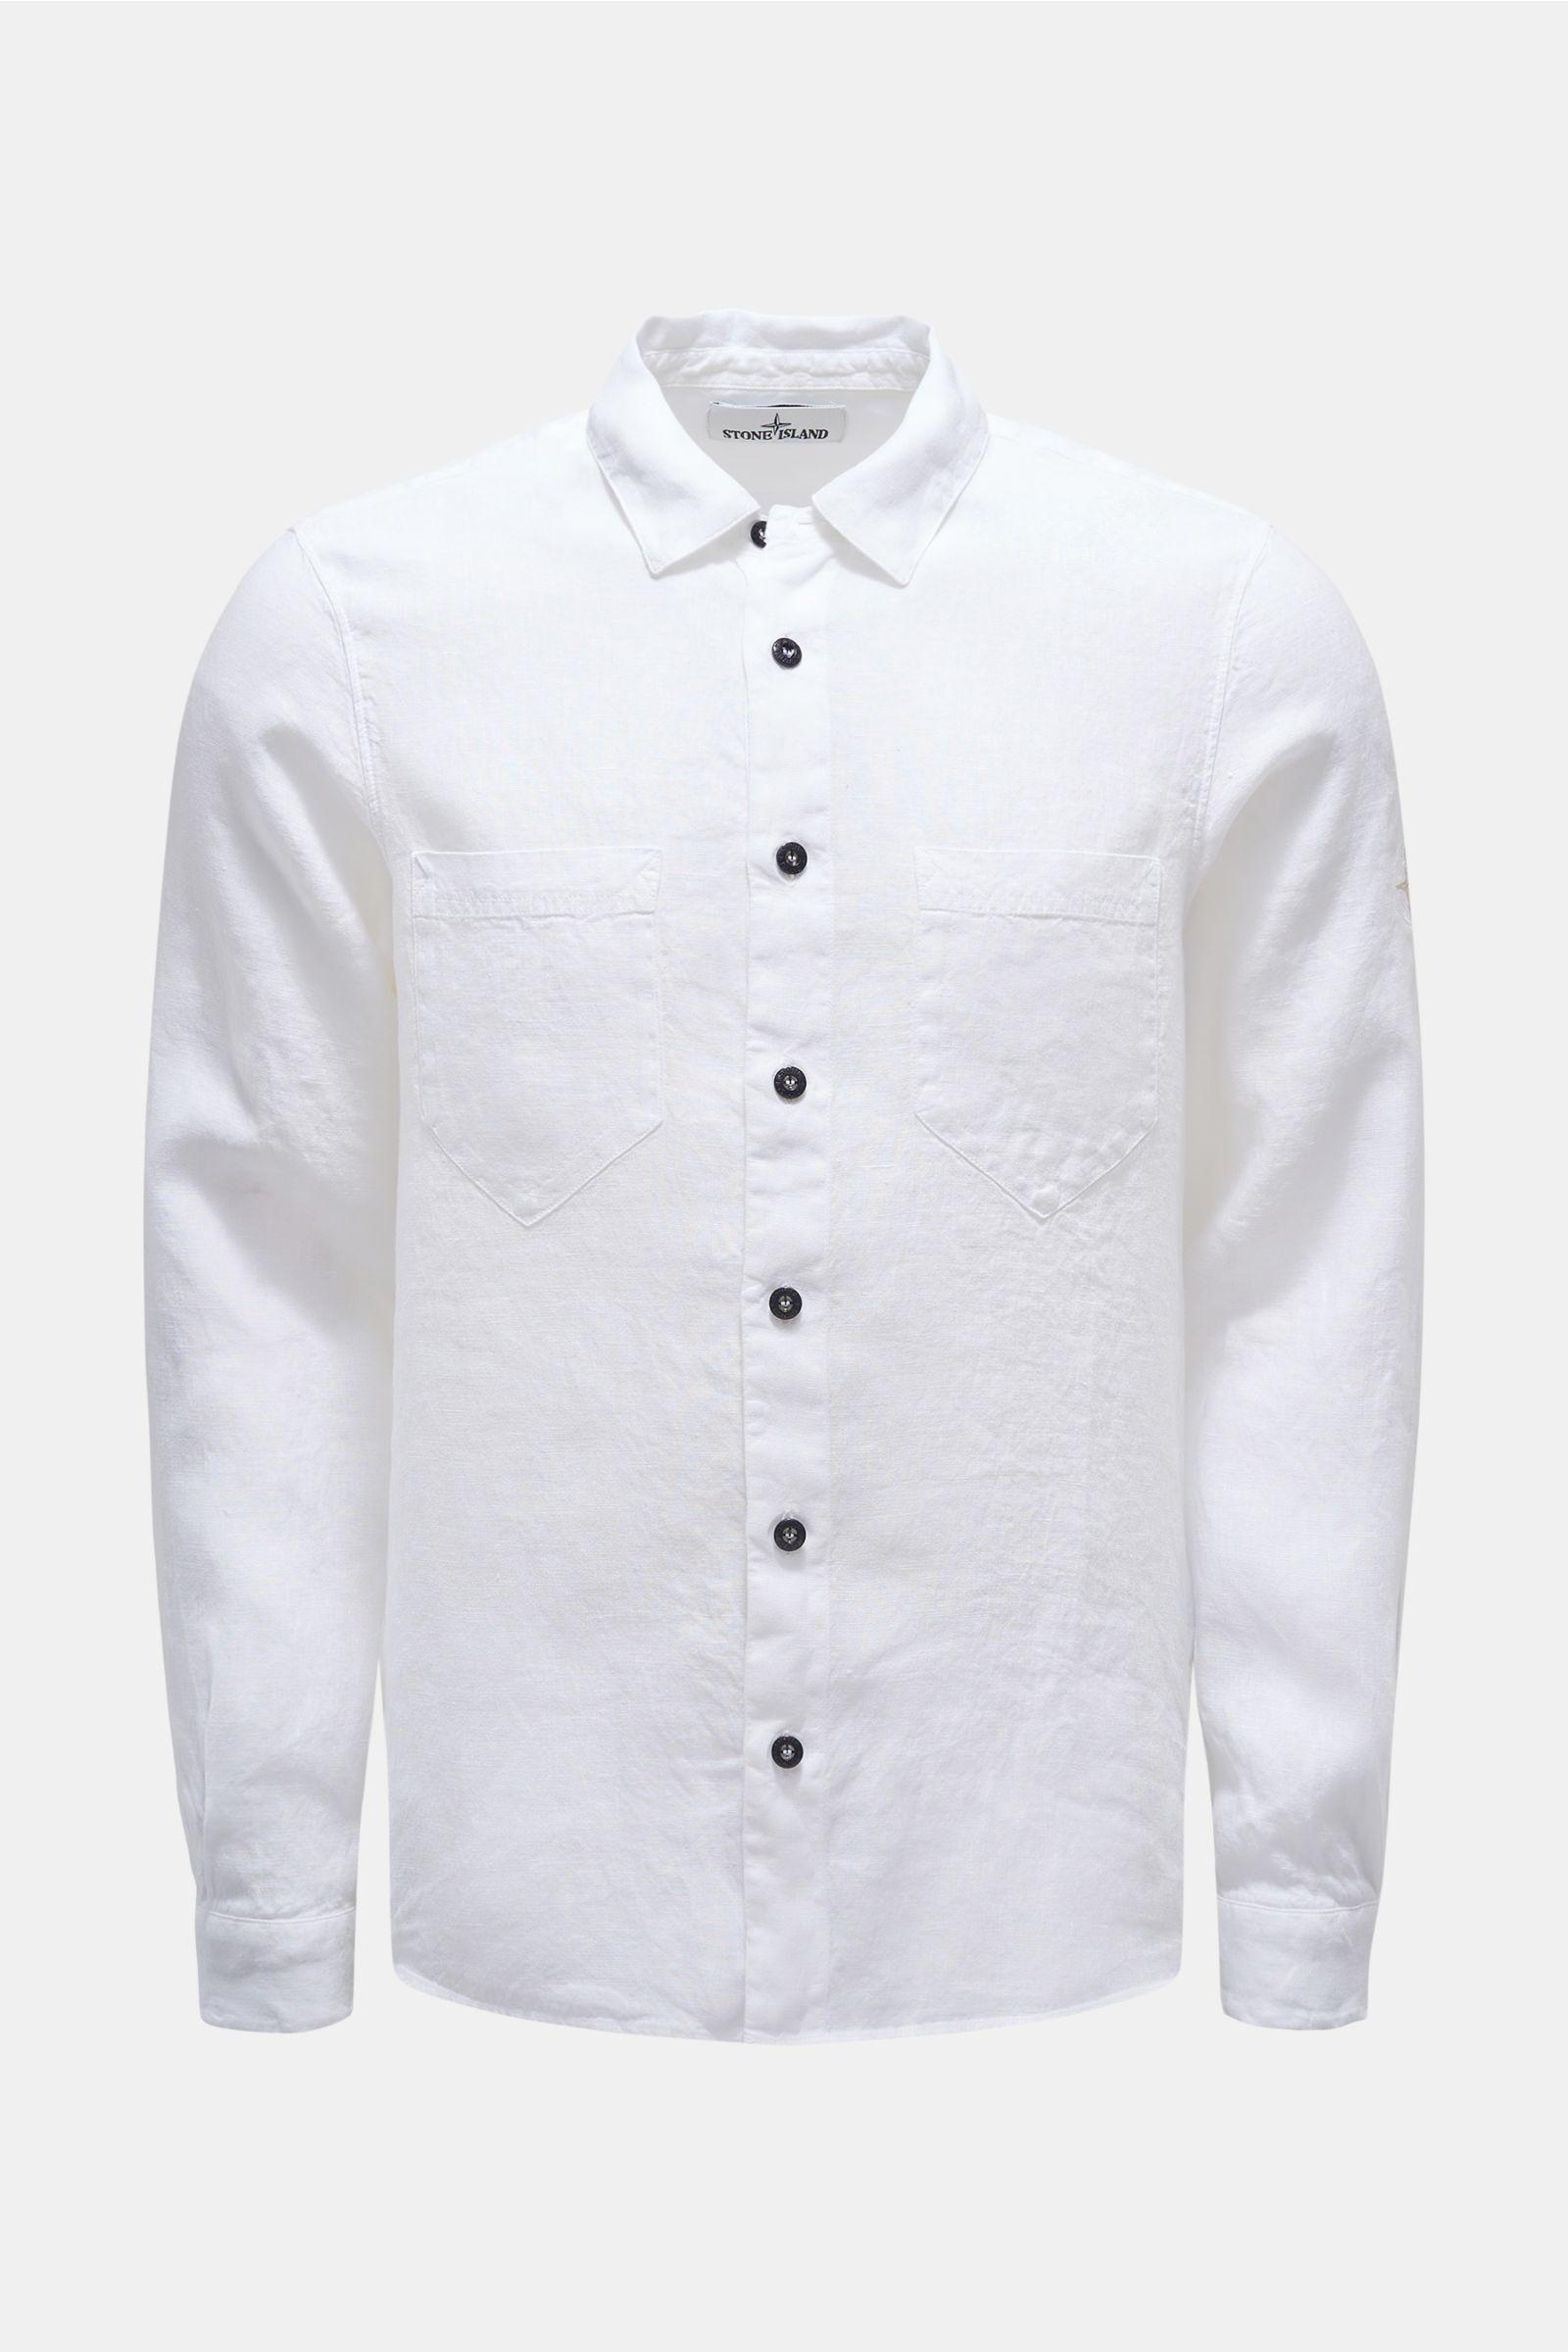 Leinenhemd schmaler Kragen weiß